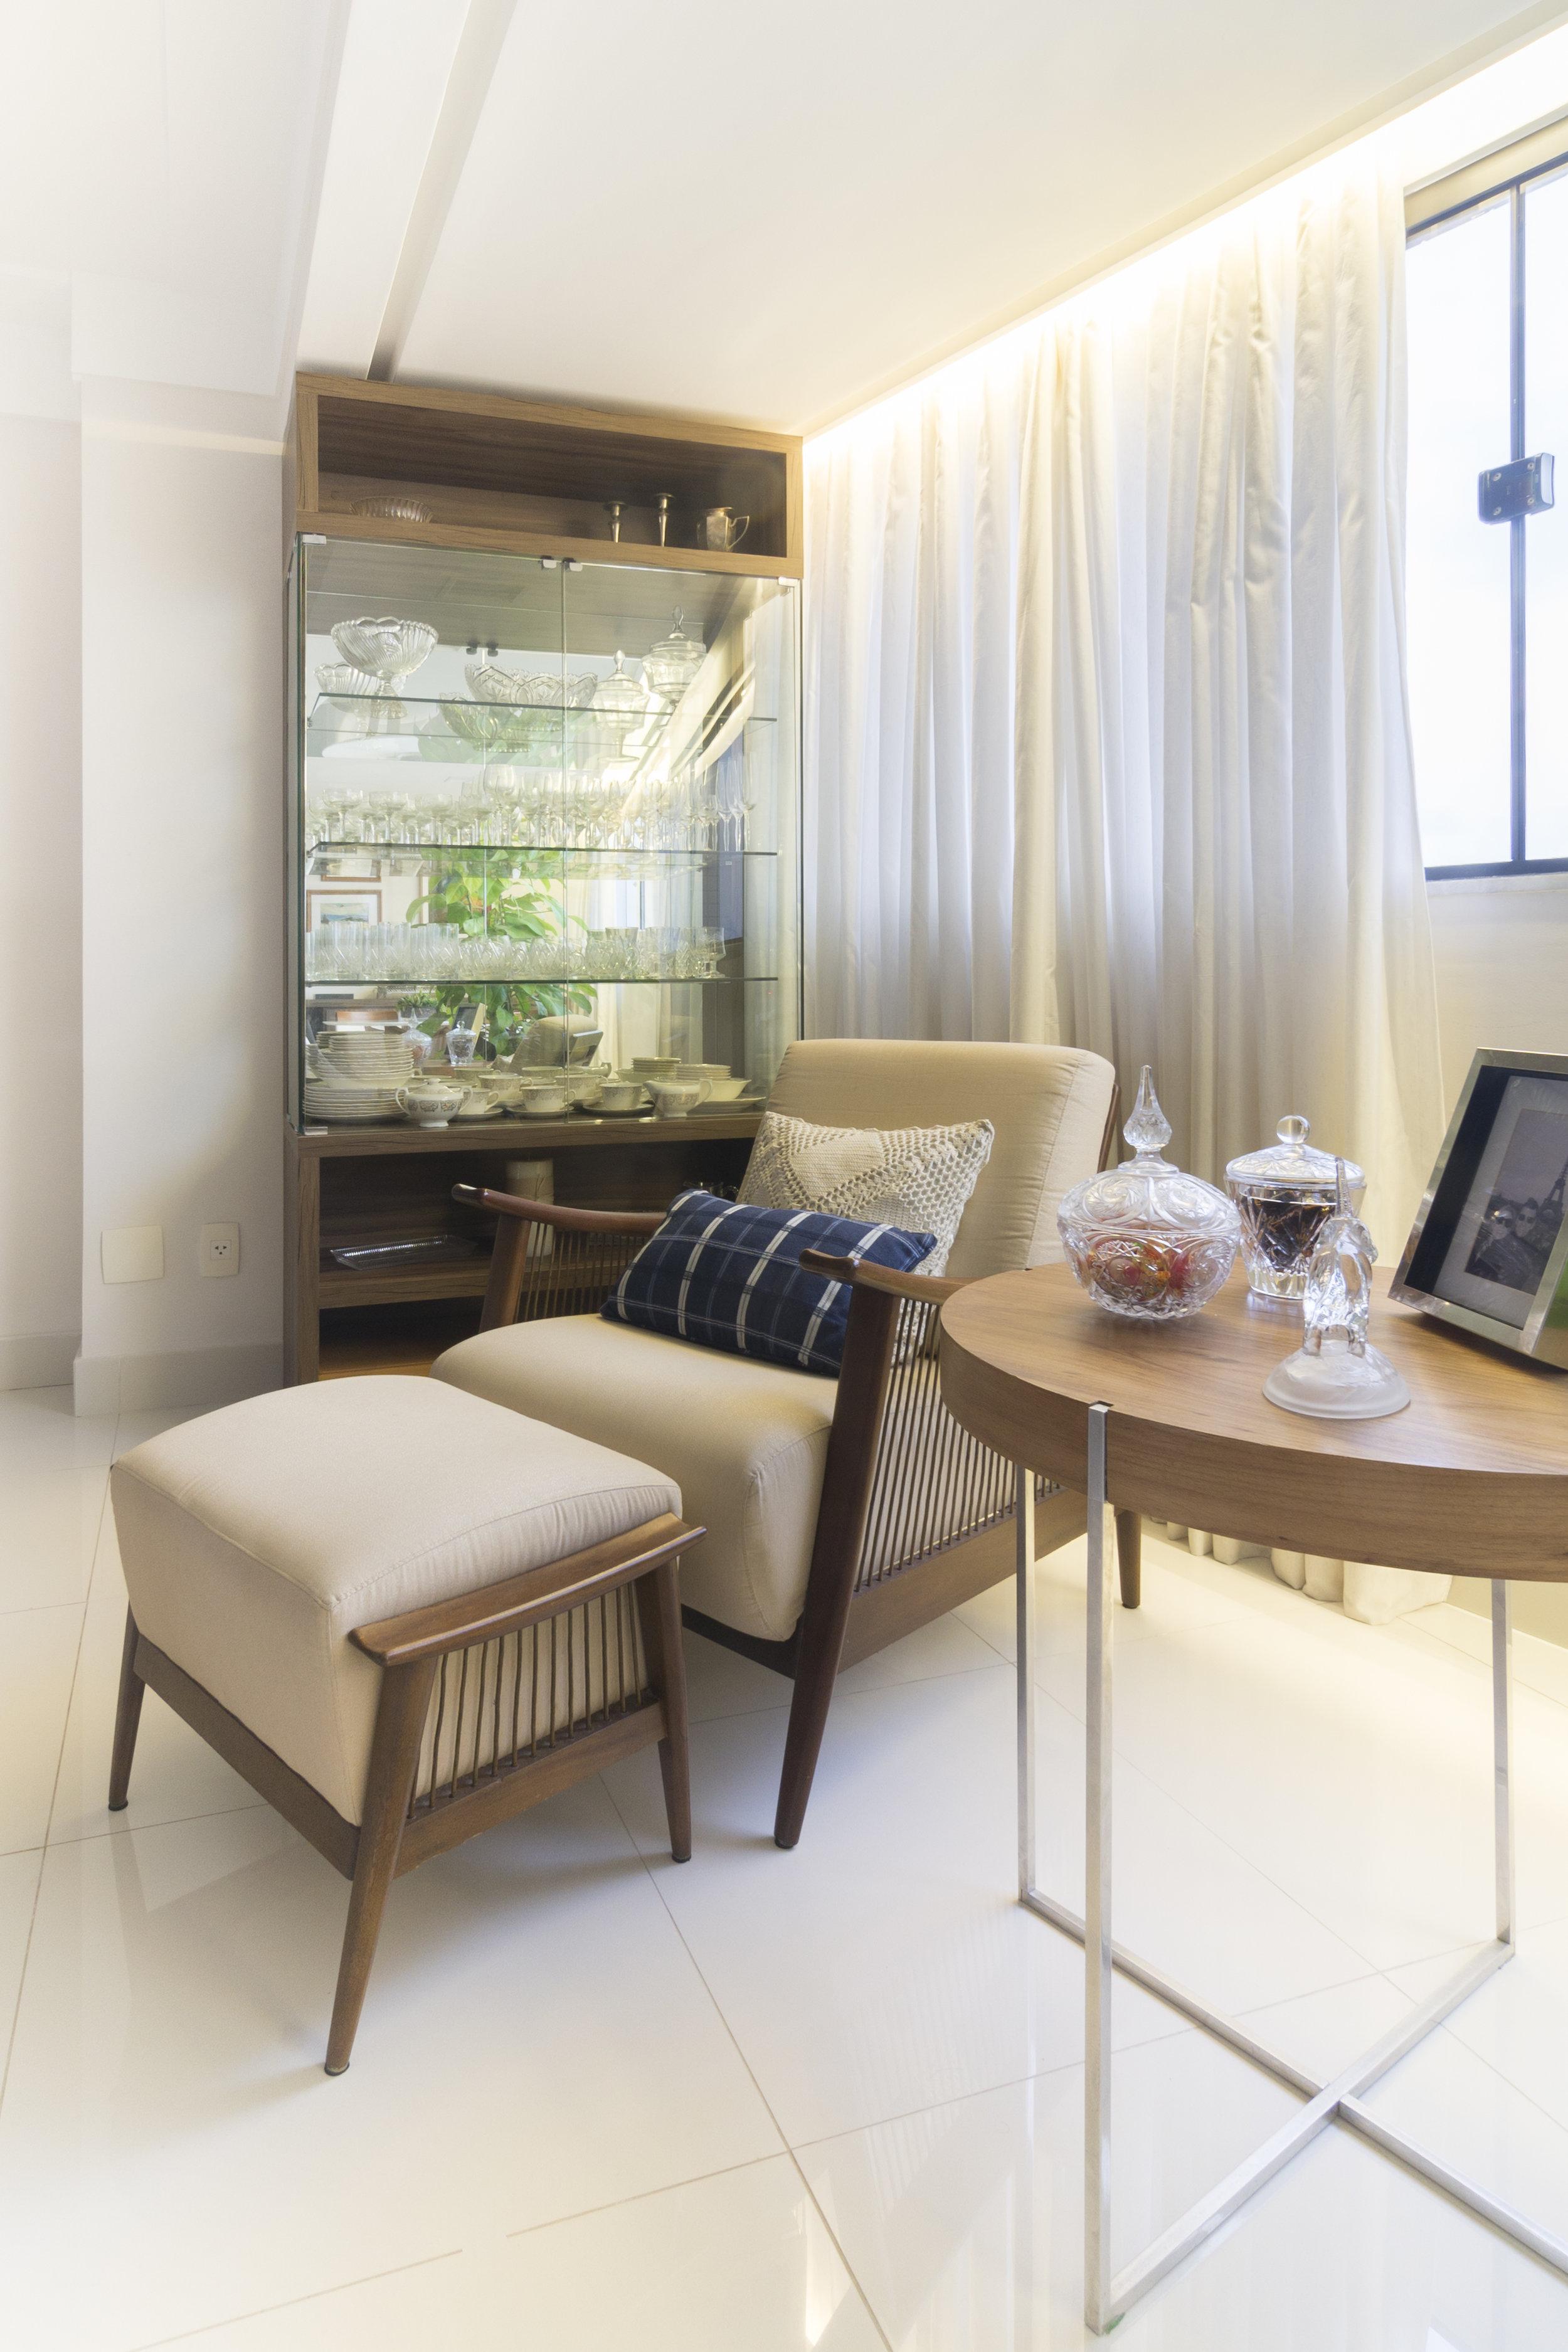 projeto-arquitetonico-luciananilton-duo-arquitetura-apartamentos-natal-09.jpg